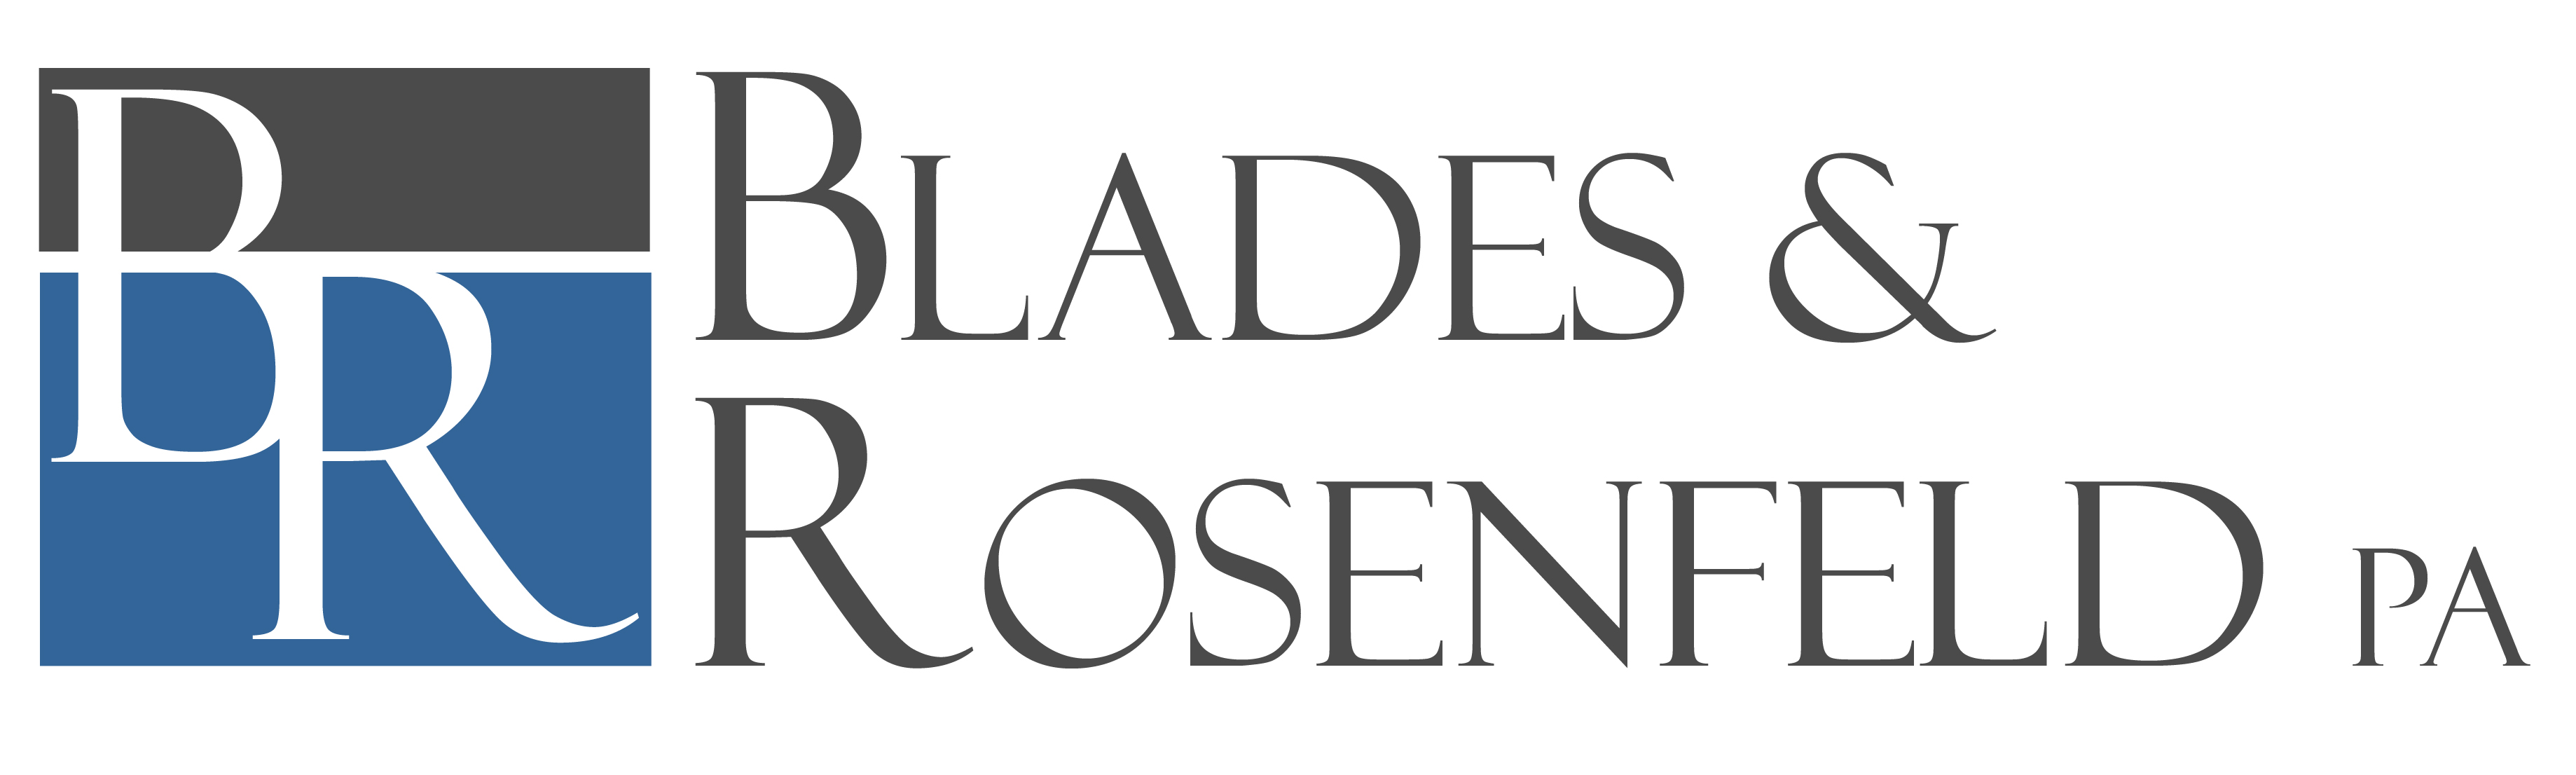 Blades & Rosenfeld